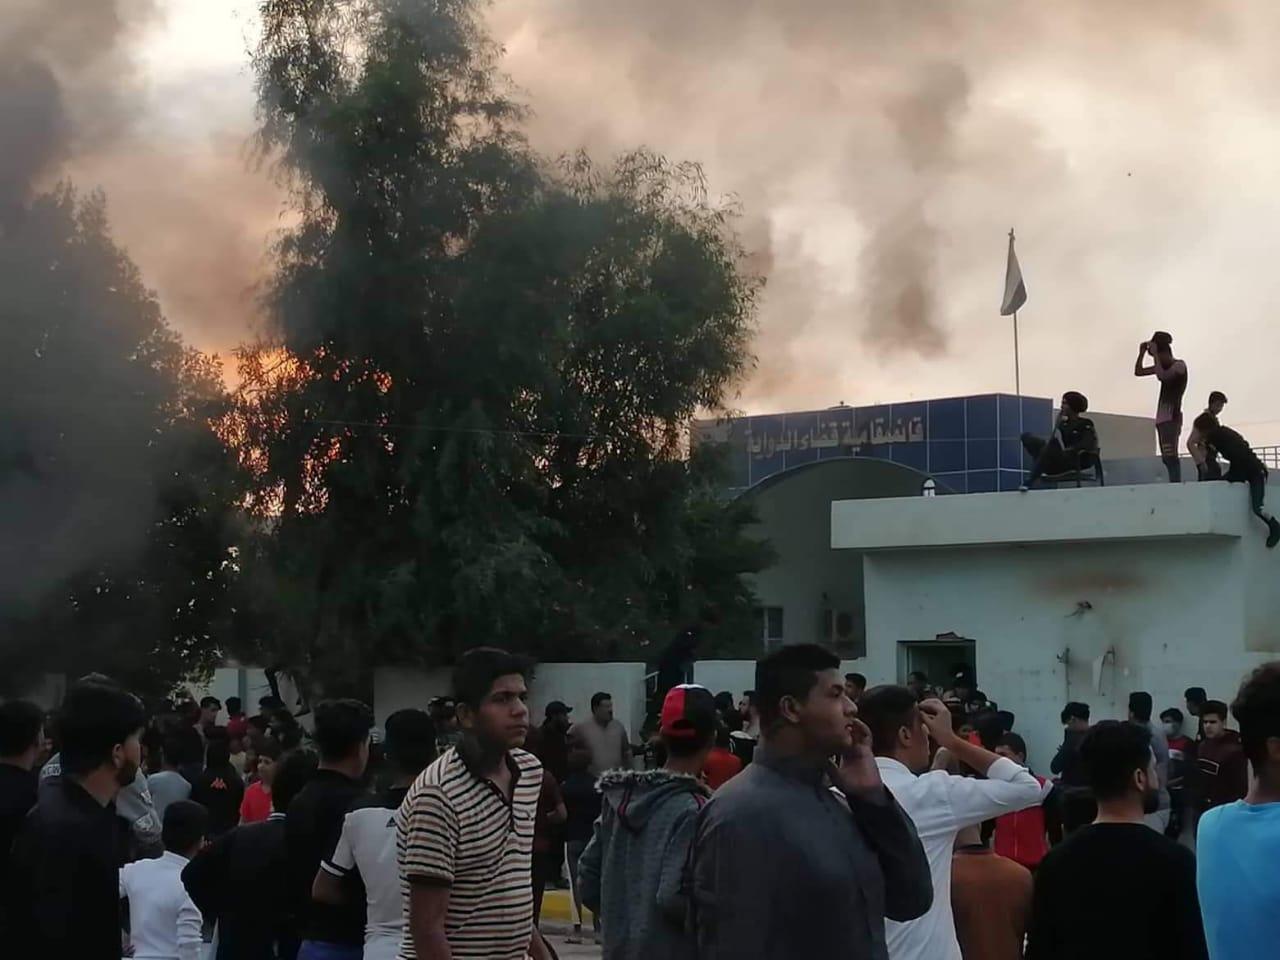 صور.. محتجون بذي قار يغلقون طريقا رابطا ببغداد ويحرقون مبنى حكوميا